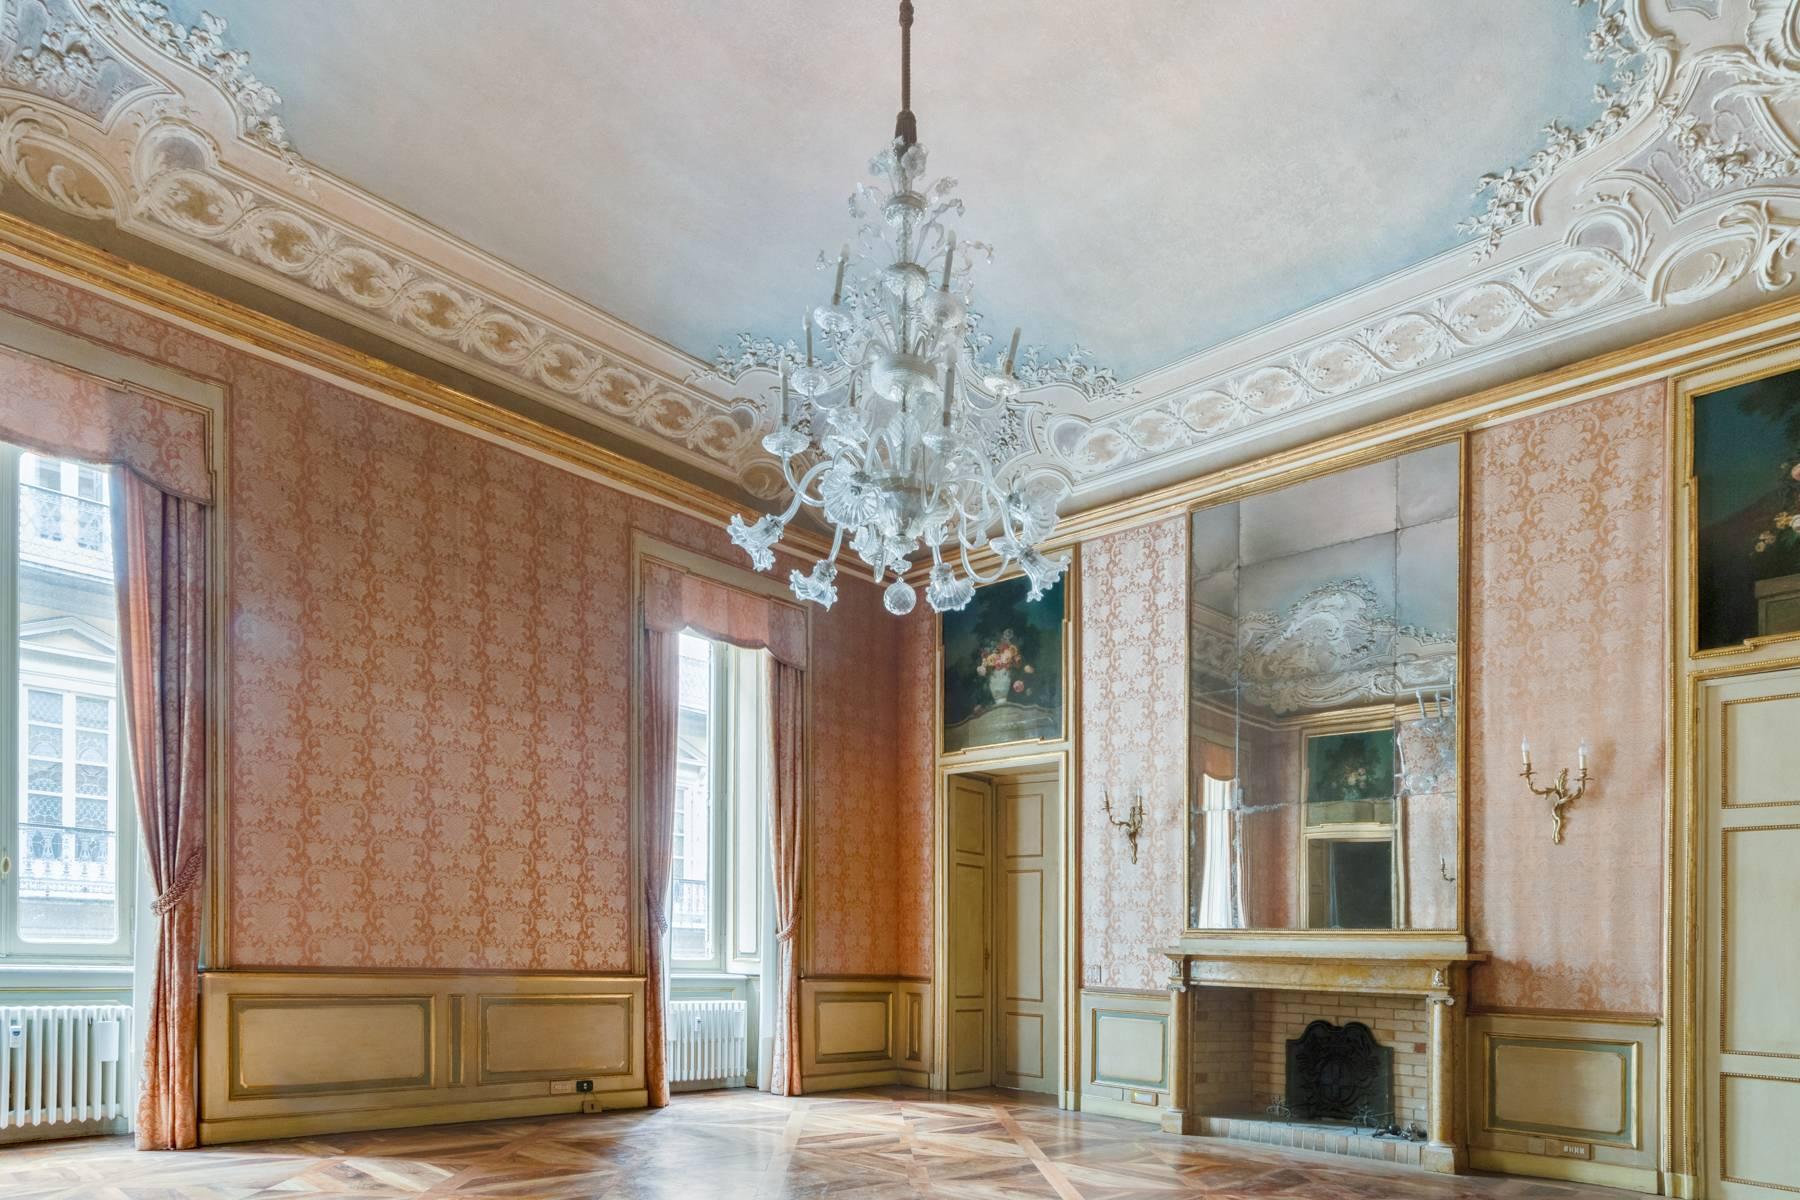 Luxus-Wohnung im historischen Palast - 15